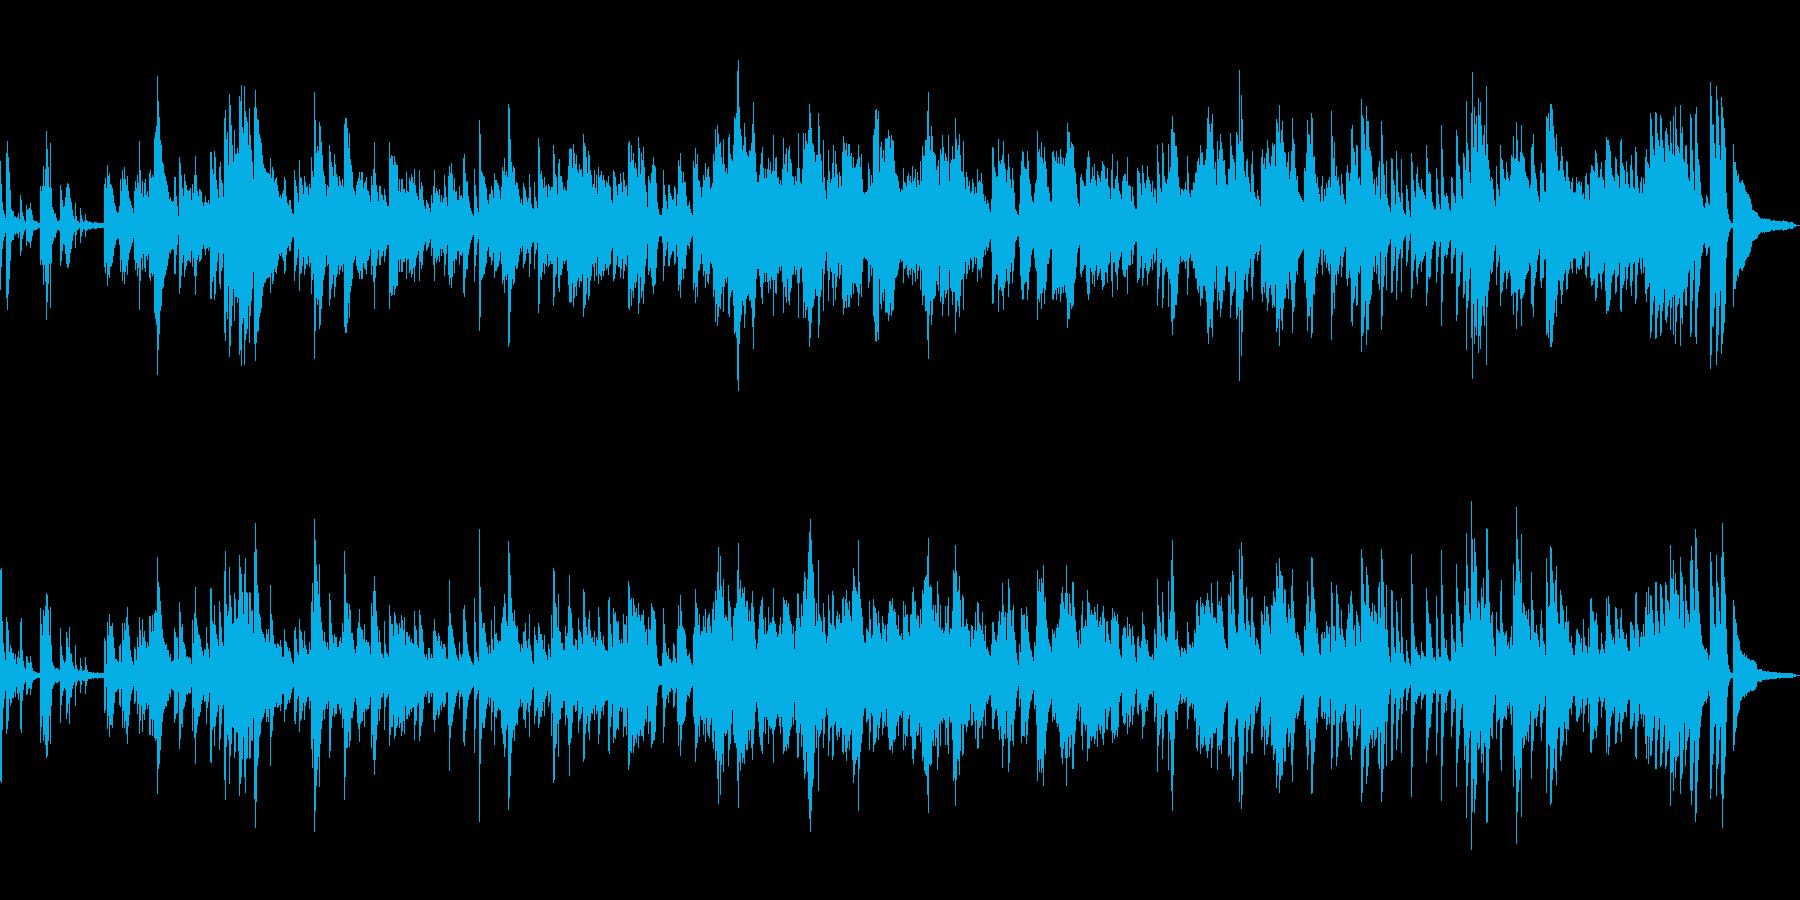 「浜辺の歌」 ソロジャズピアノ生演奏の再生済みの波形